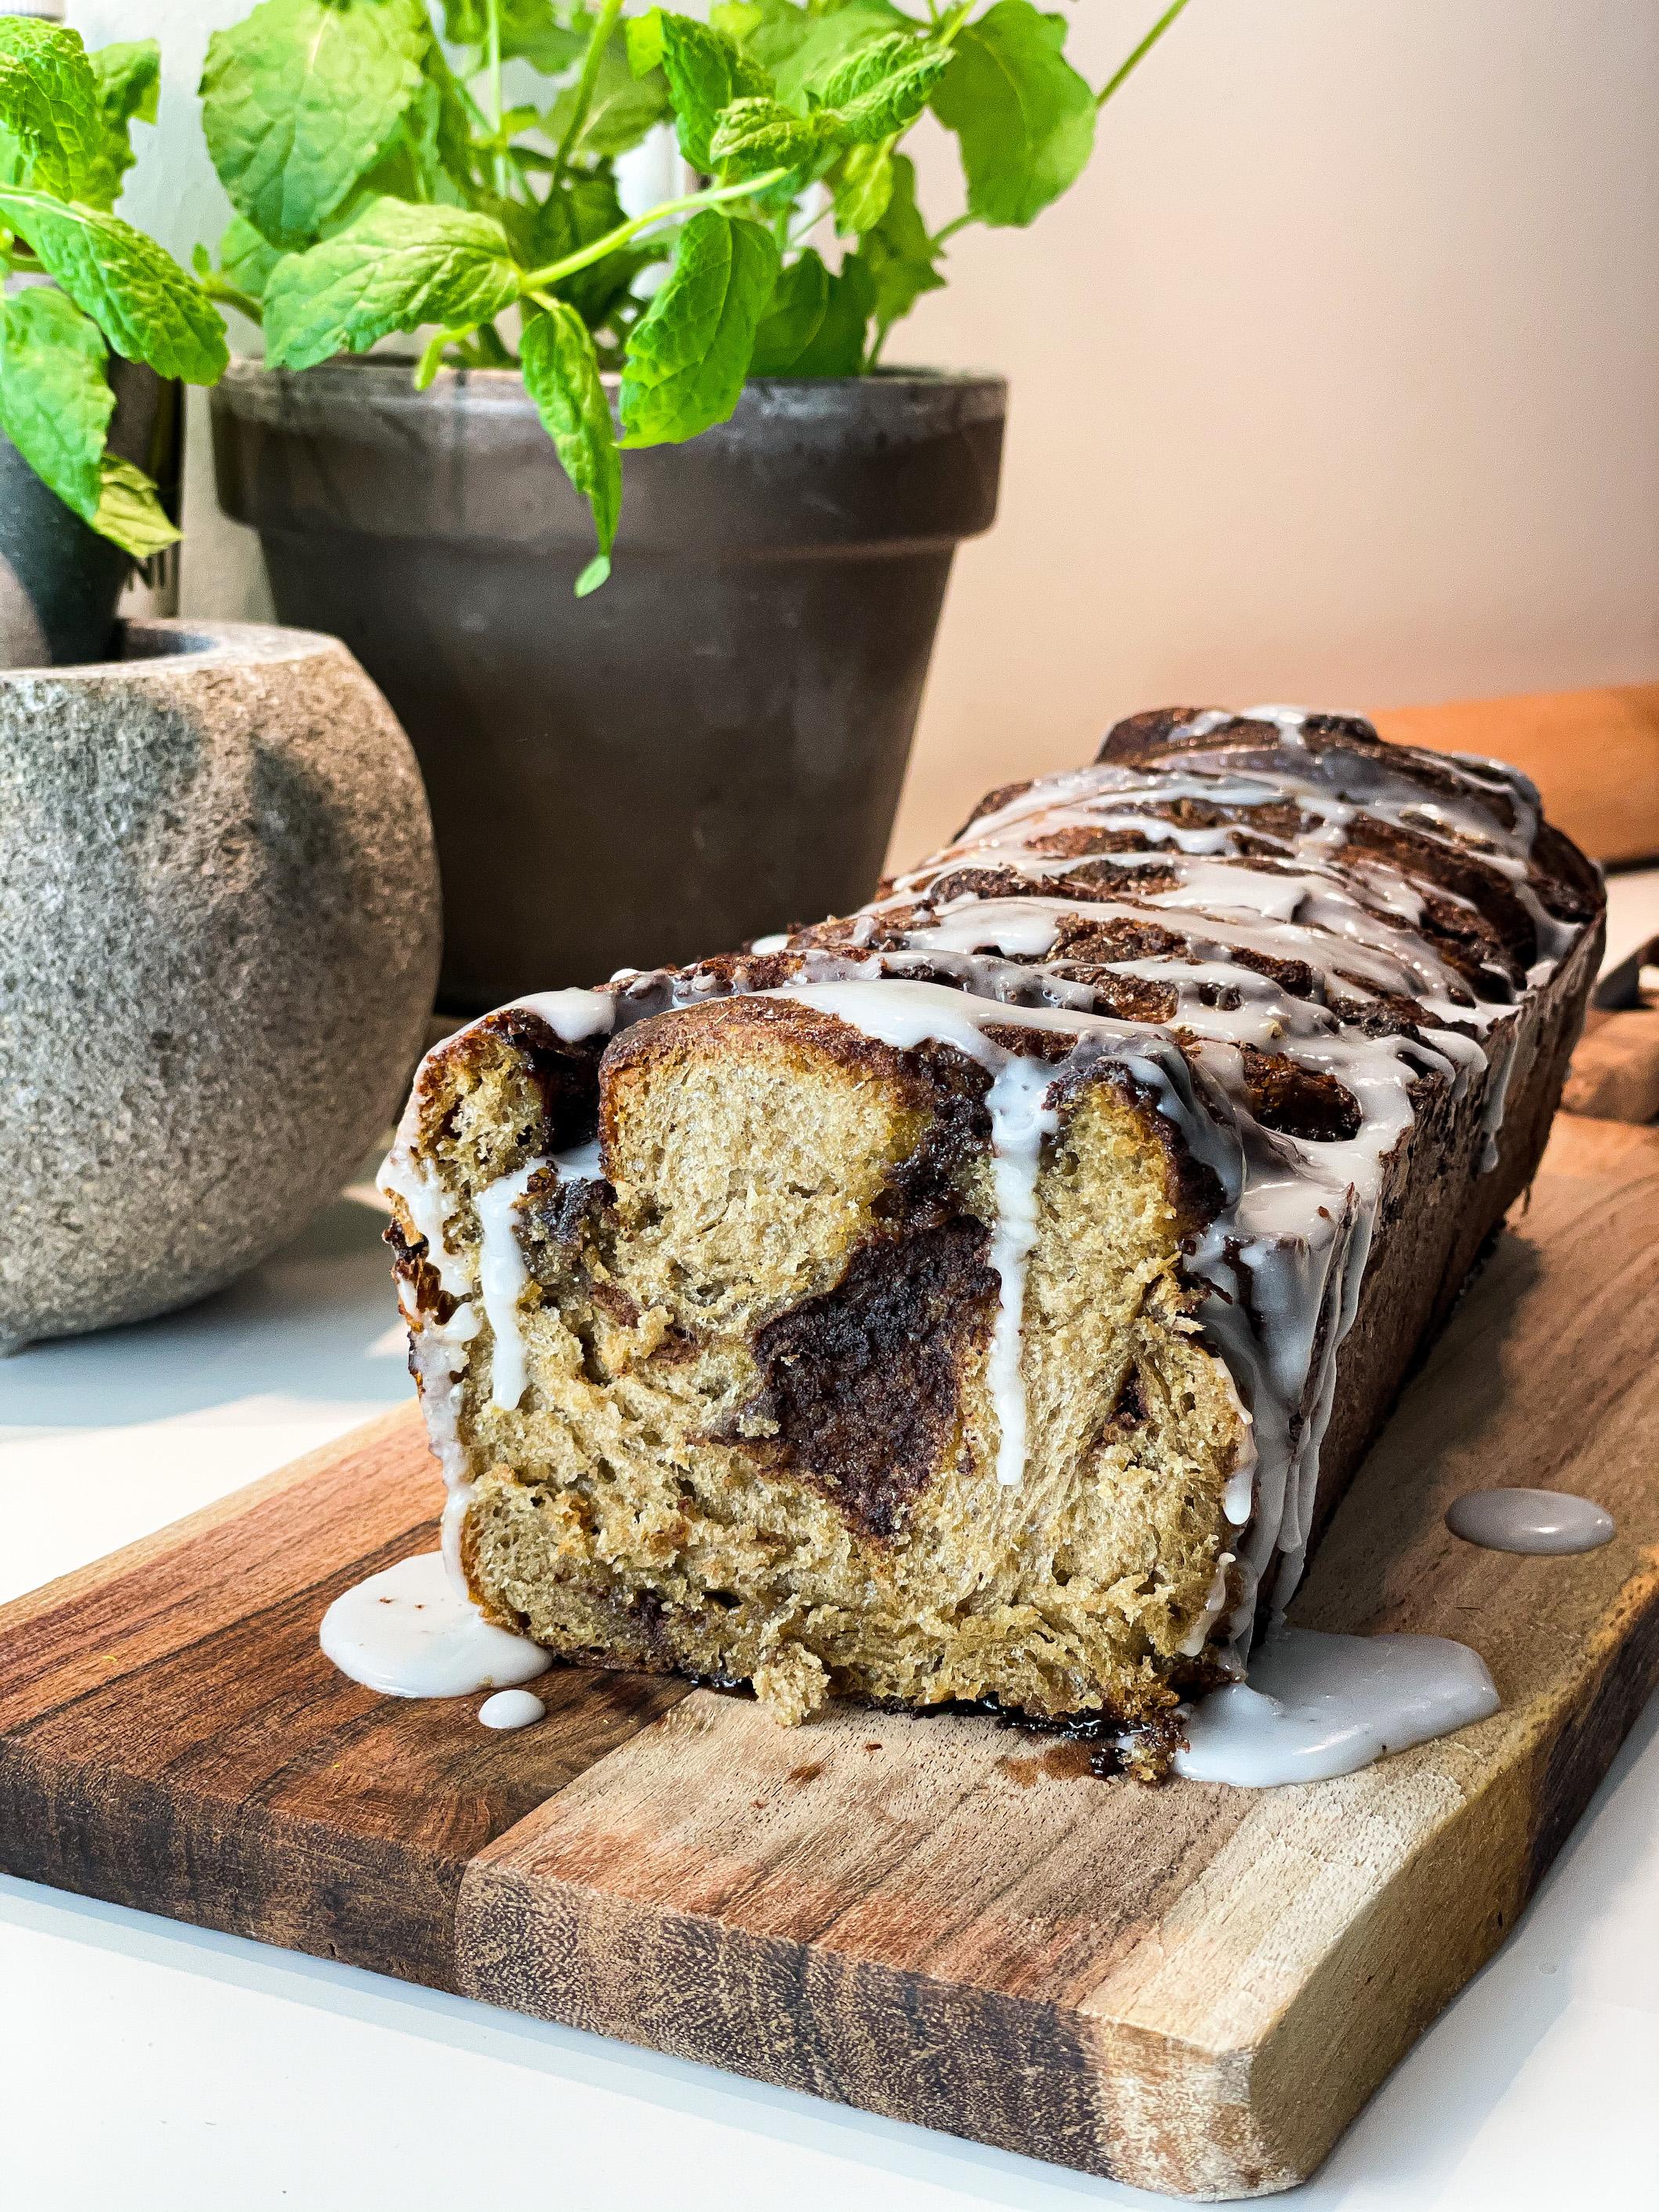 Cinnamon bread with Agrain® 03 Stout masquerade